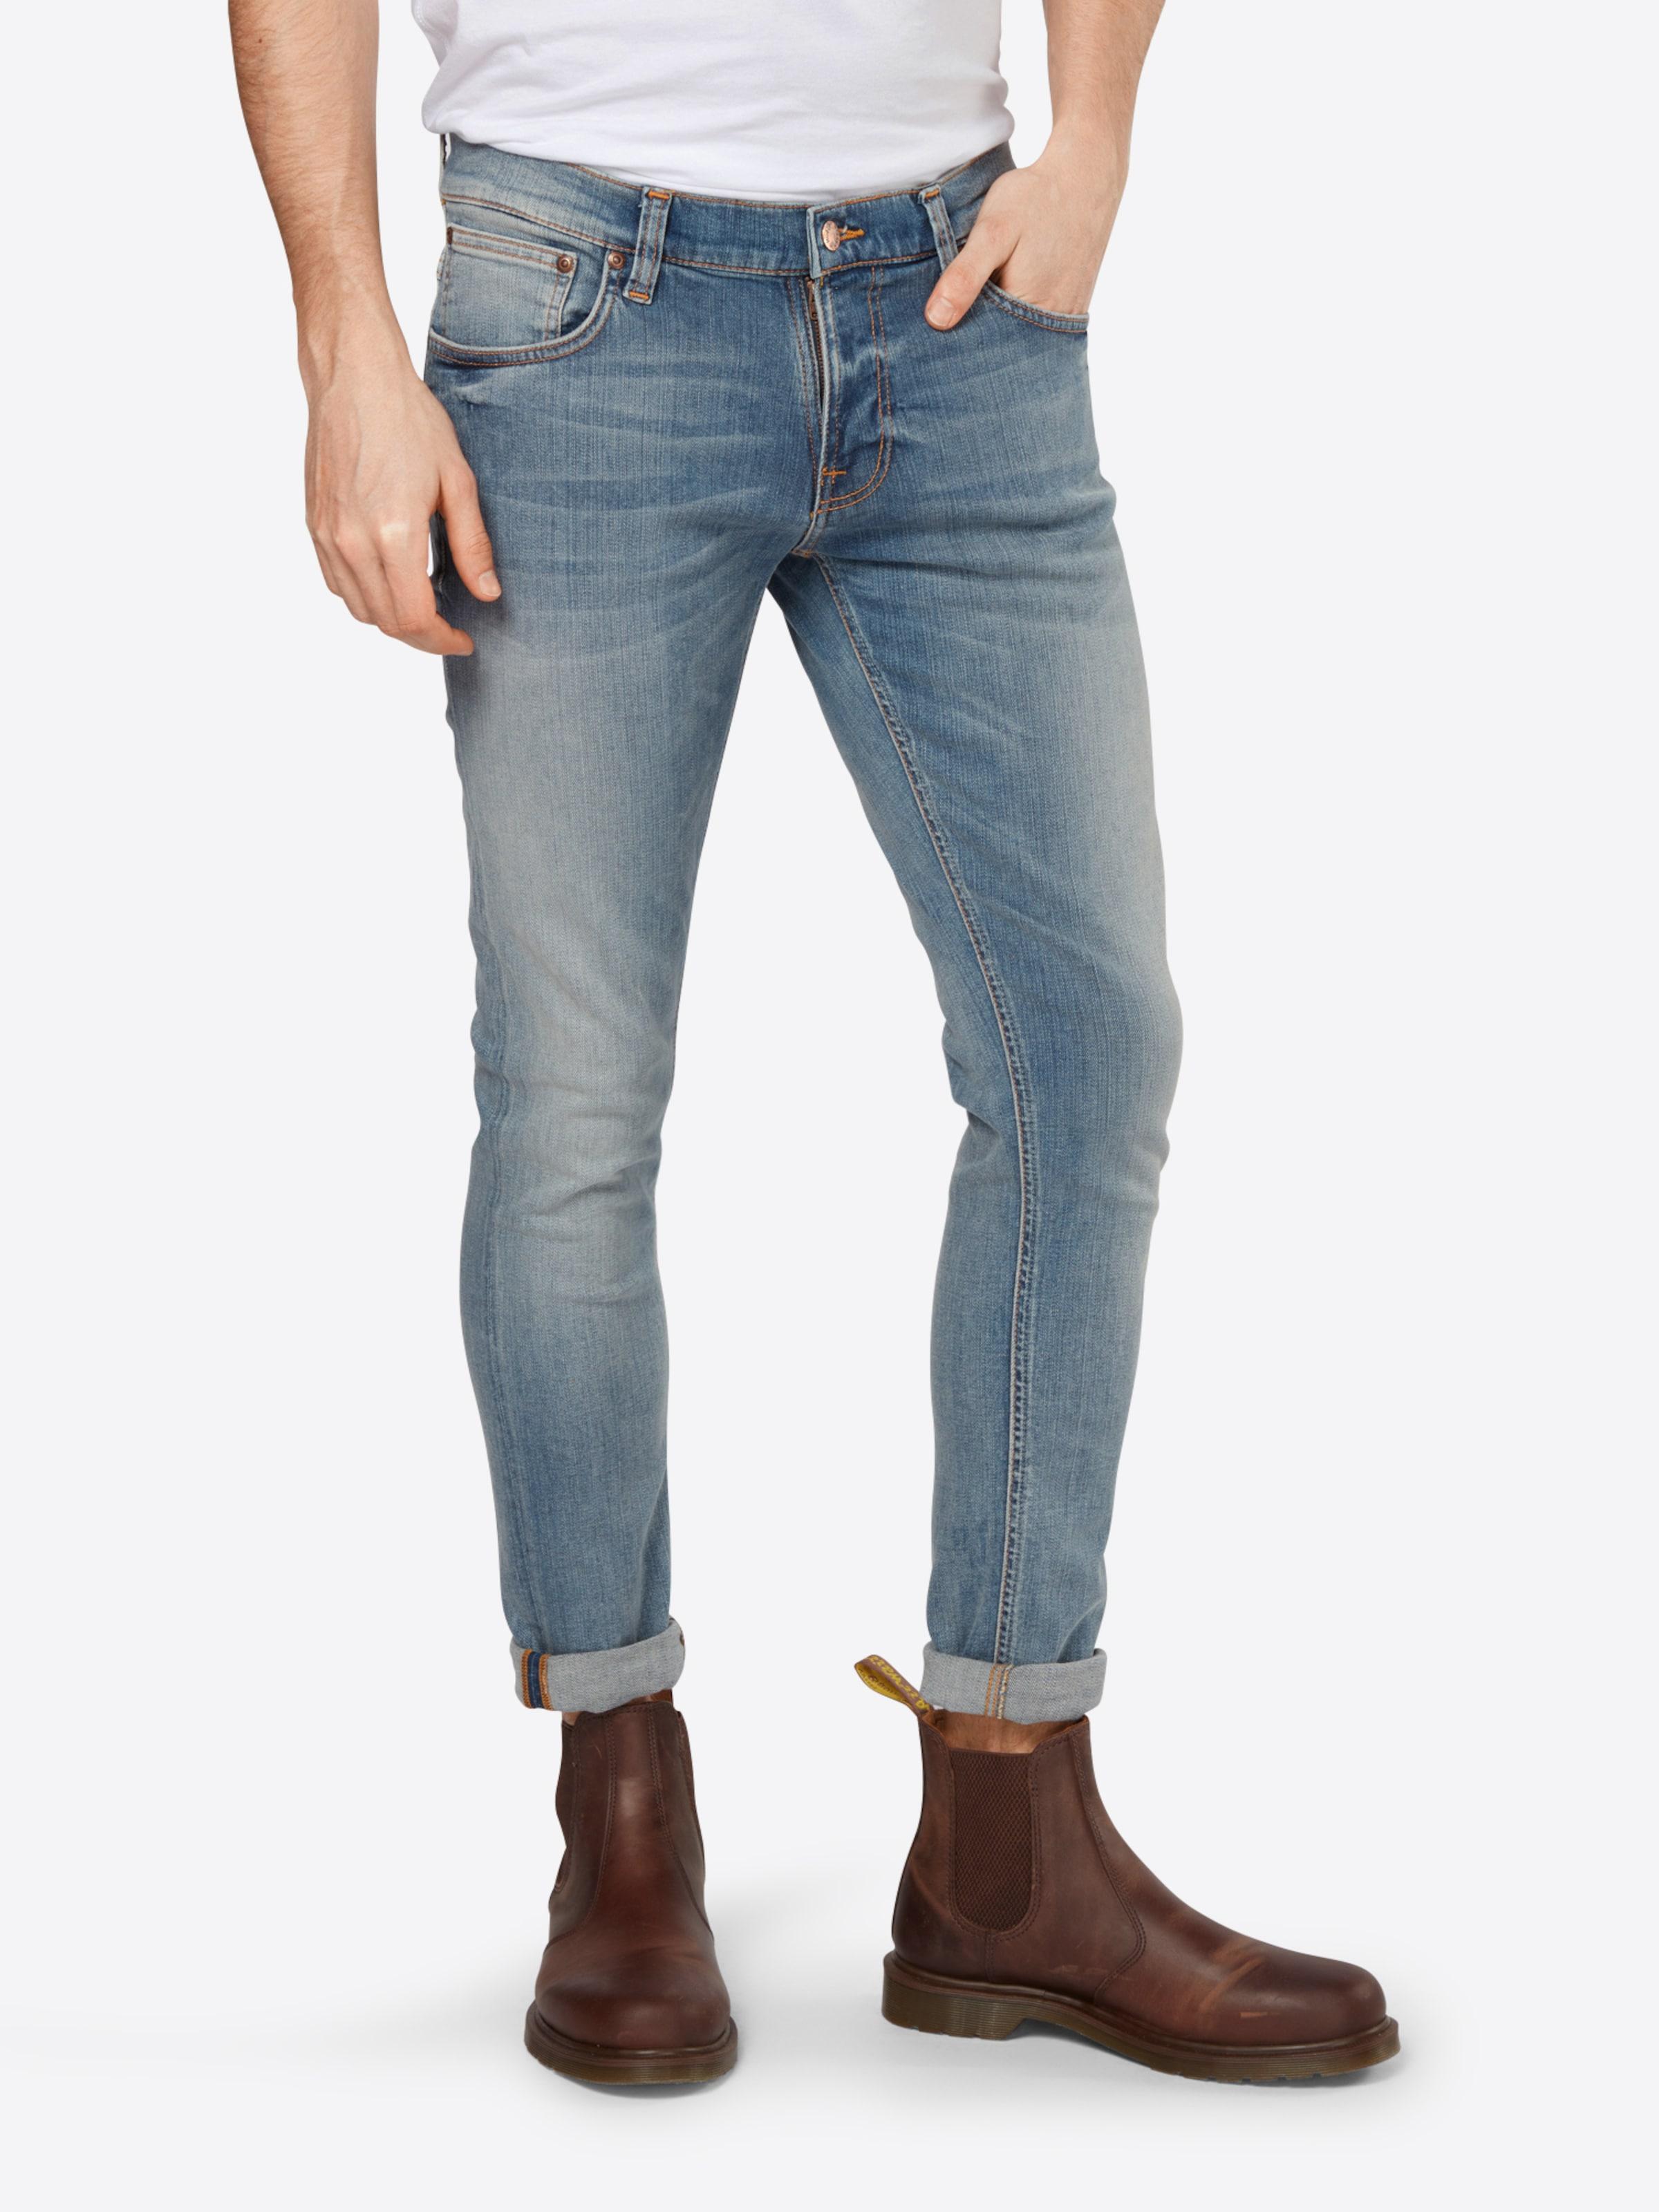 Nudie Jeans Co Skinny fit Jeans 'Tight Terry' 2018 Neuesten Zum Verkauf tSxKTv2a1